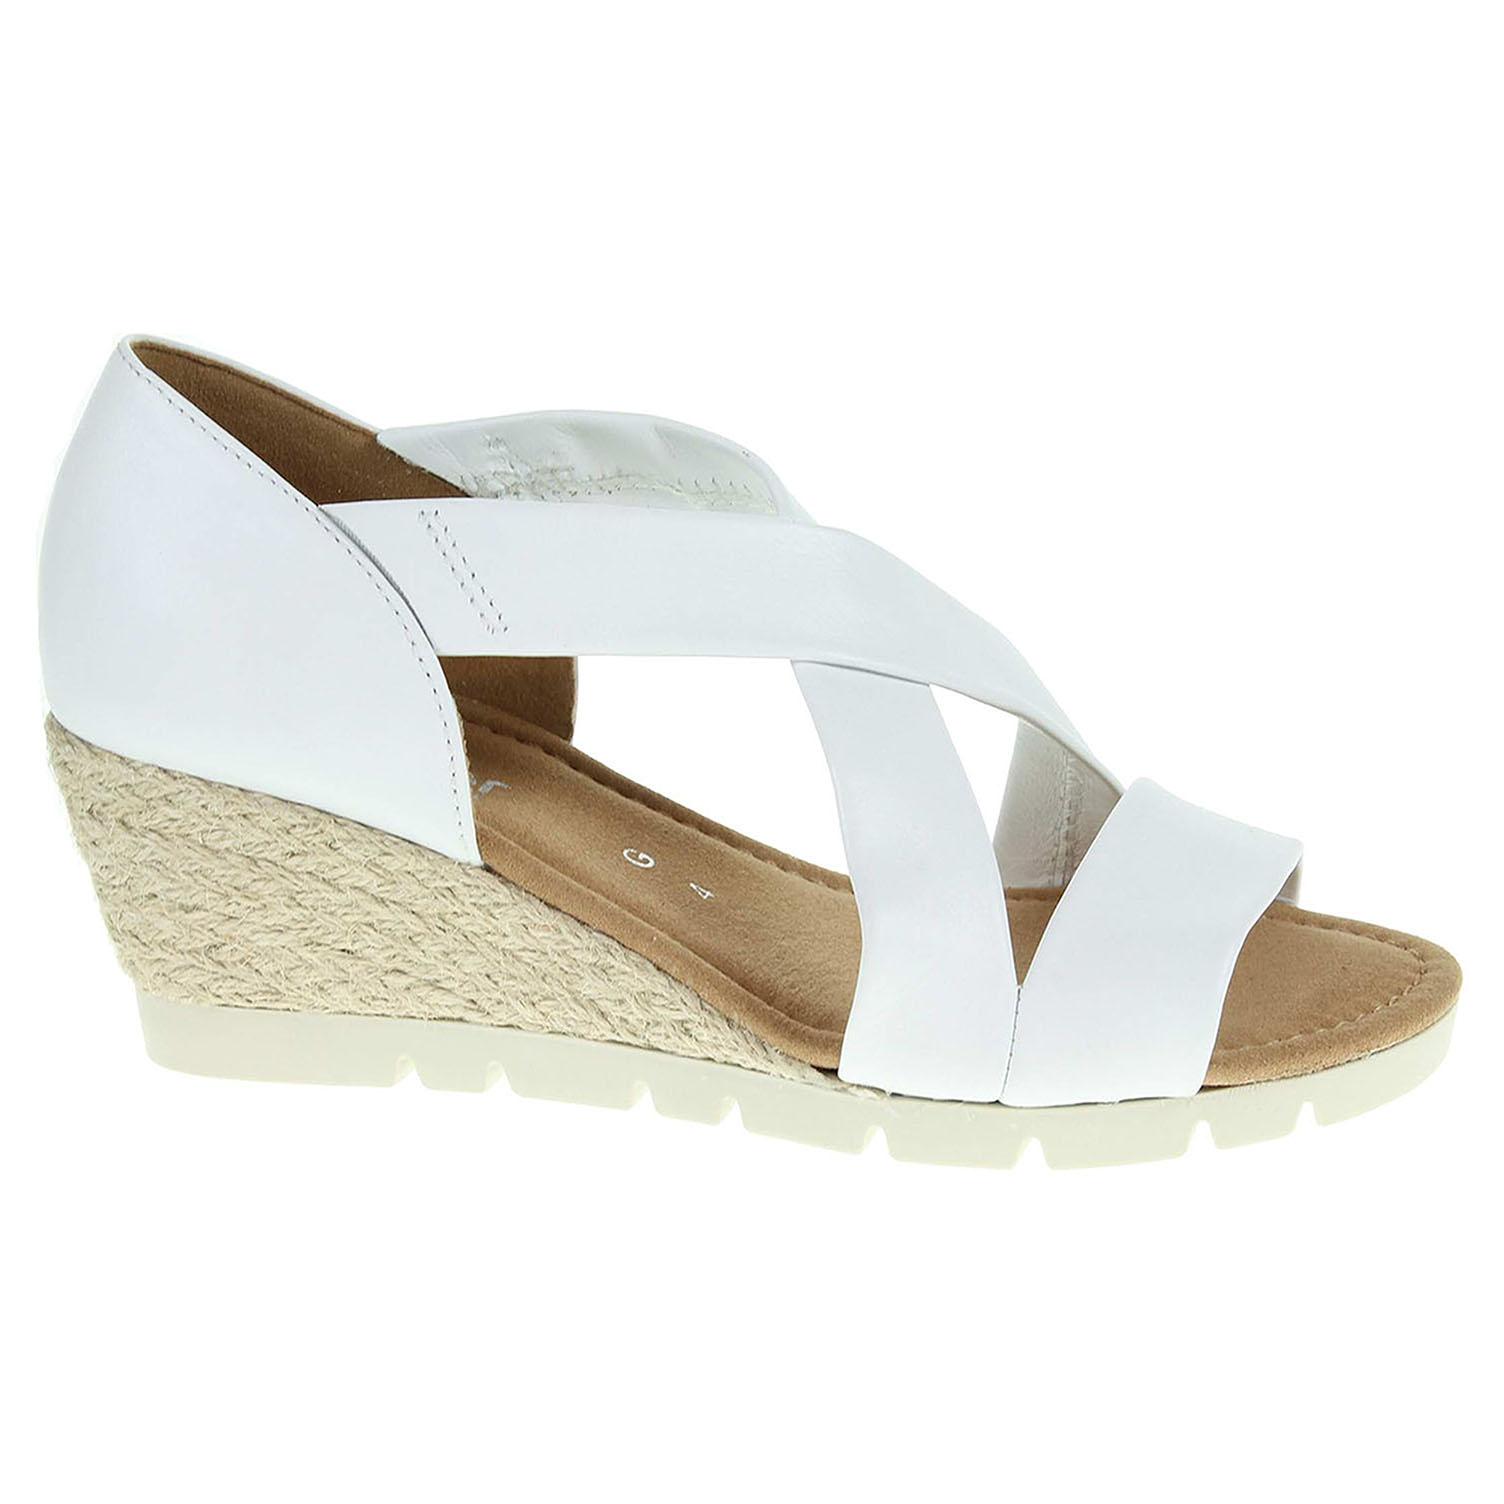 Dámské sandály Gabor 62.853.50 bílé 62.853.50 37,5